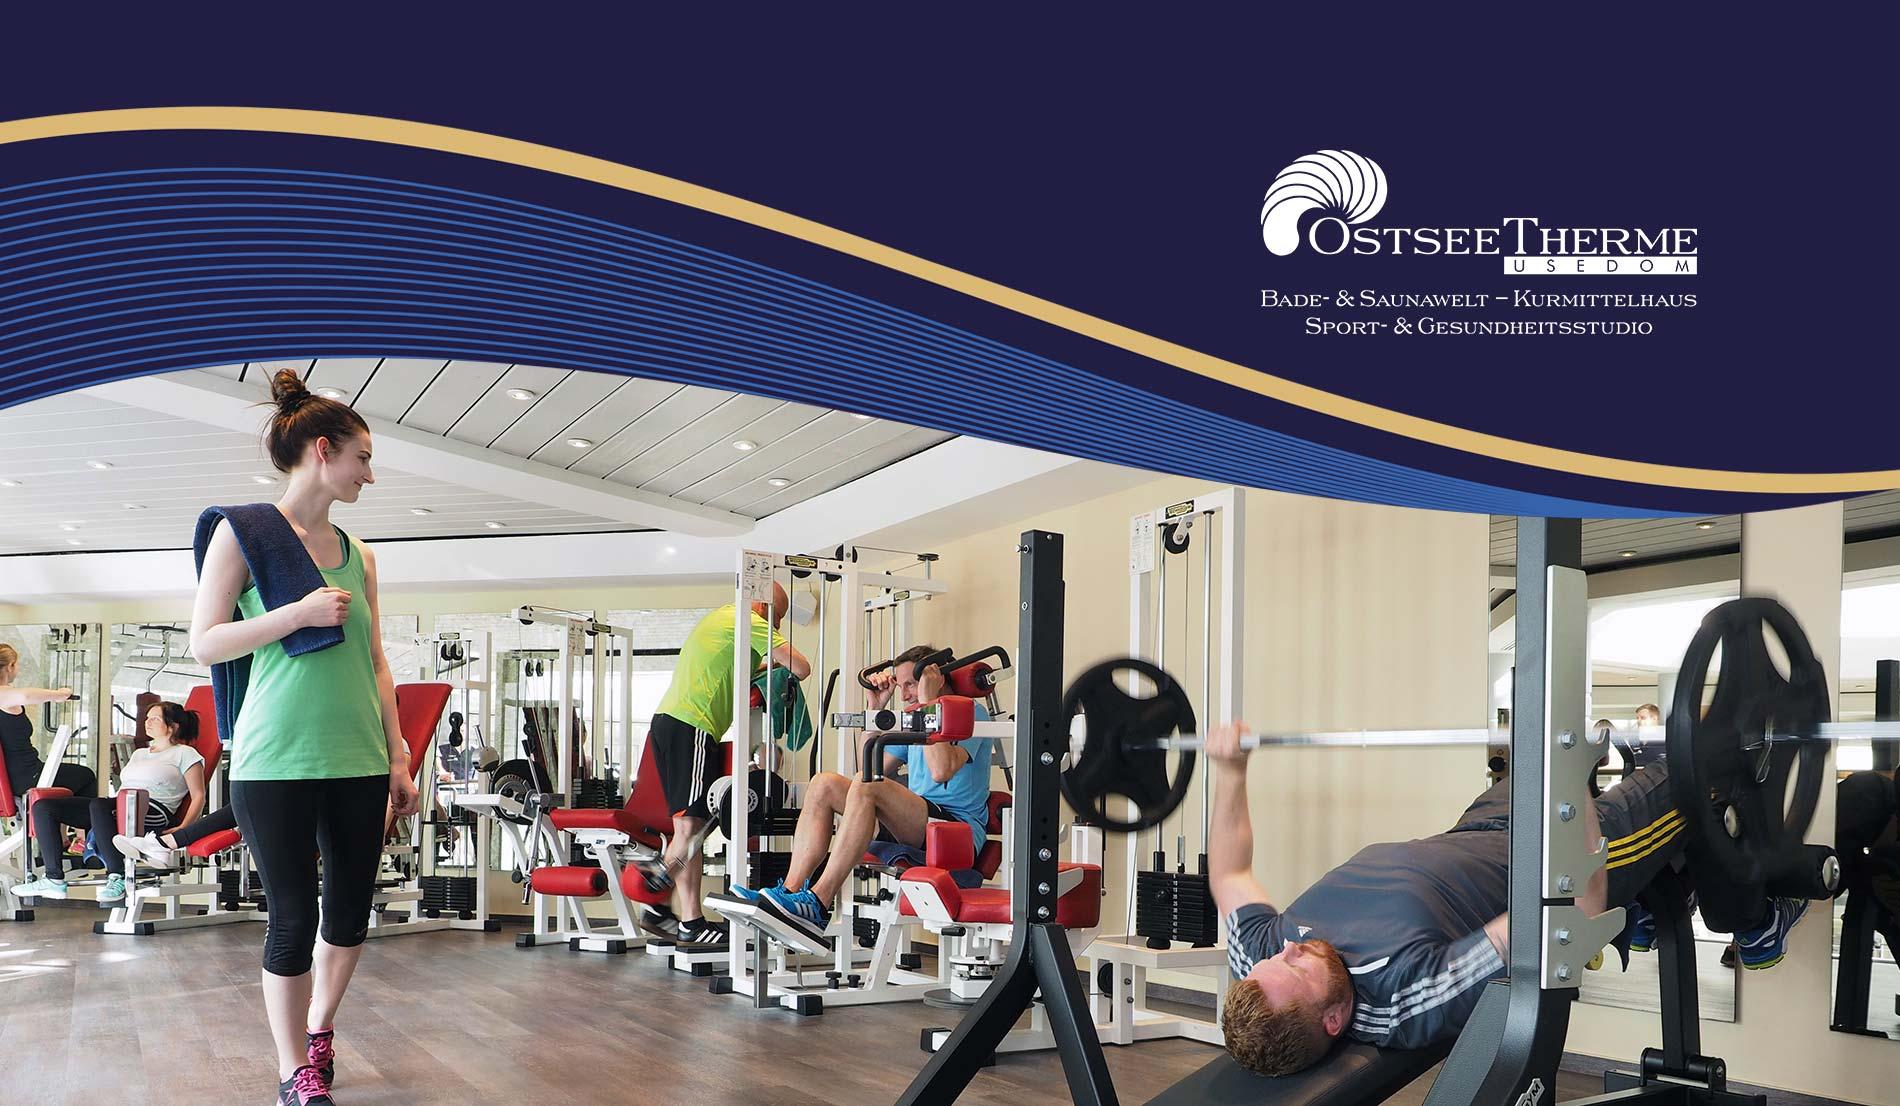 Sport- & Gesundheitsstudio